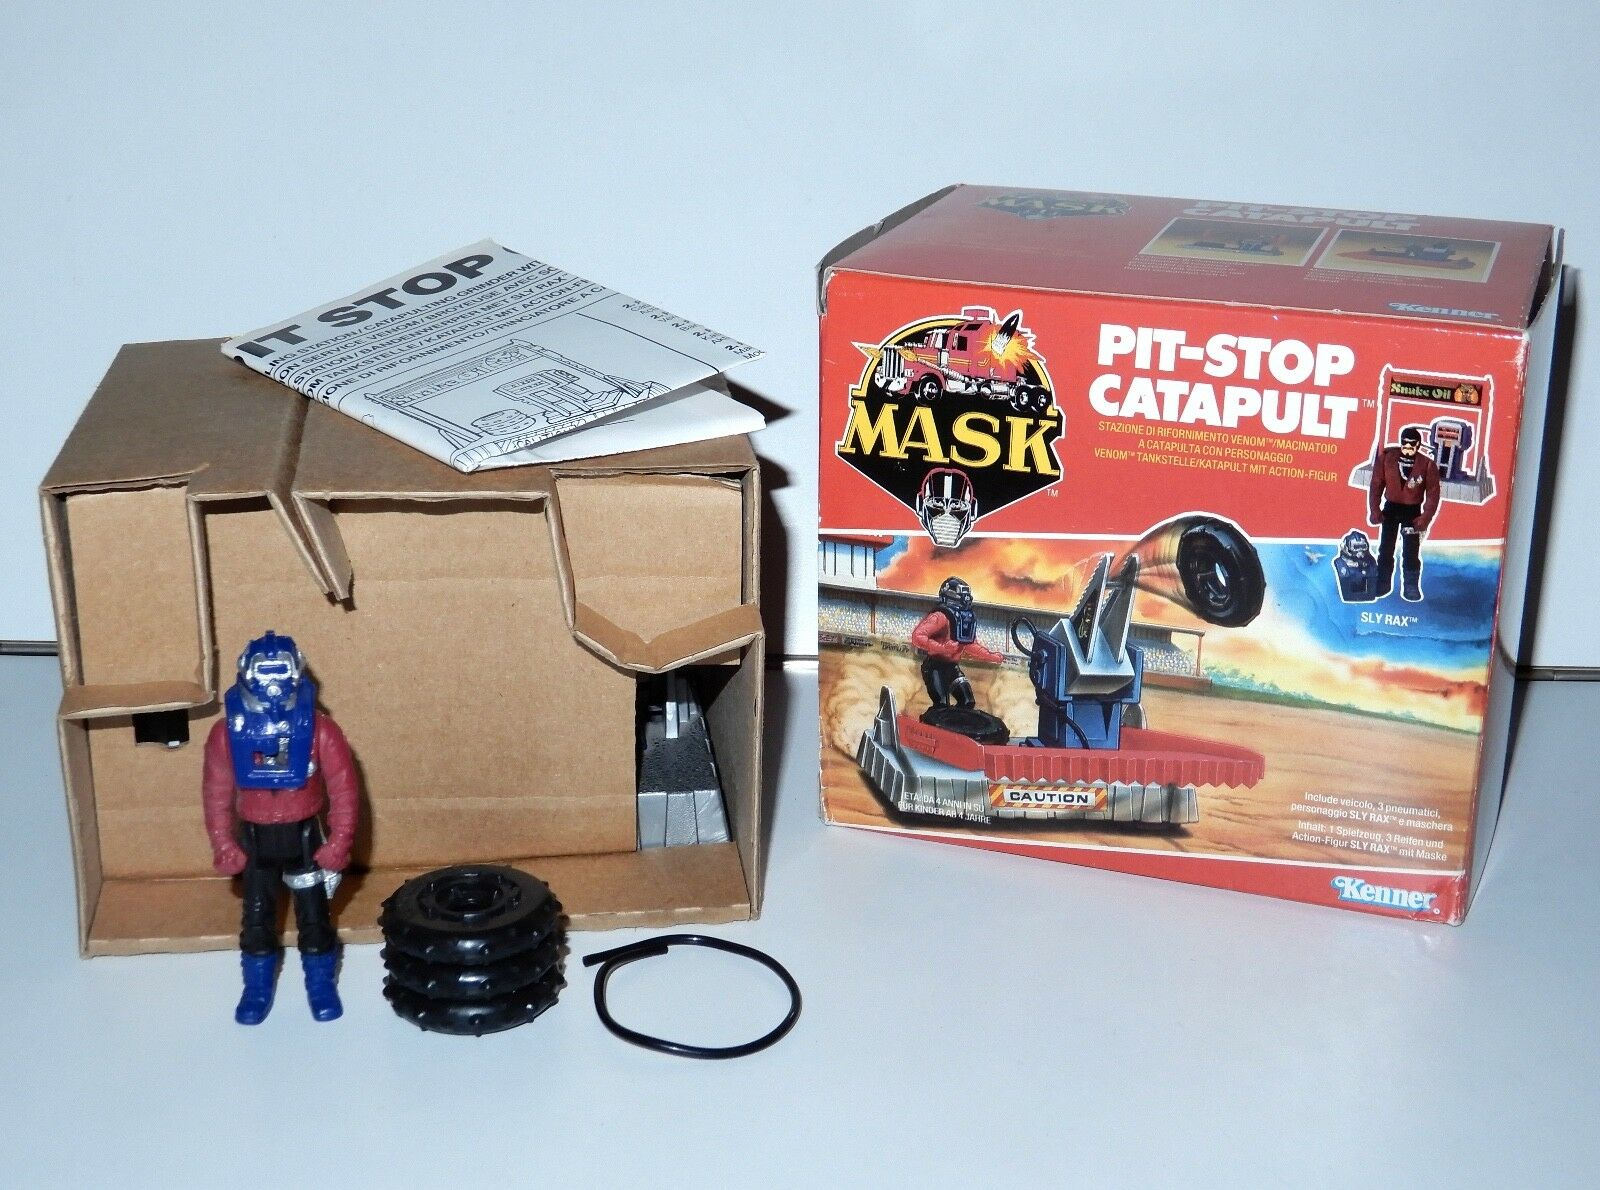 M.a.s.k. lleva un sly Rax al 100% de los Cochegadores de parada de mi euro Box Kenner.